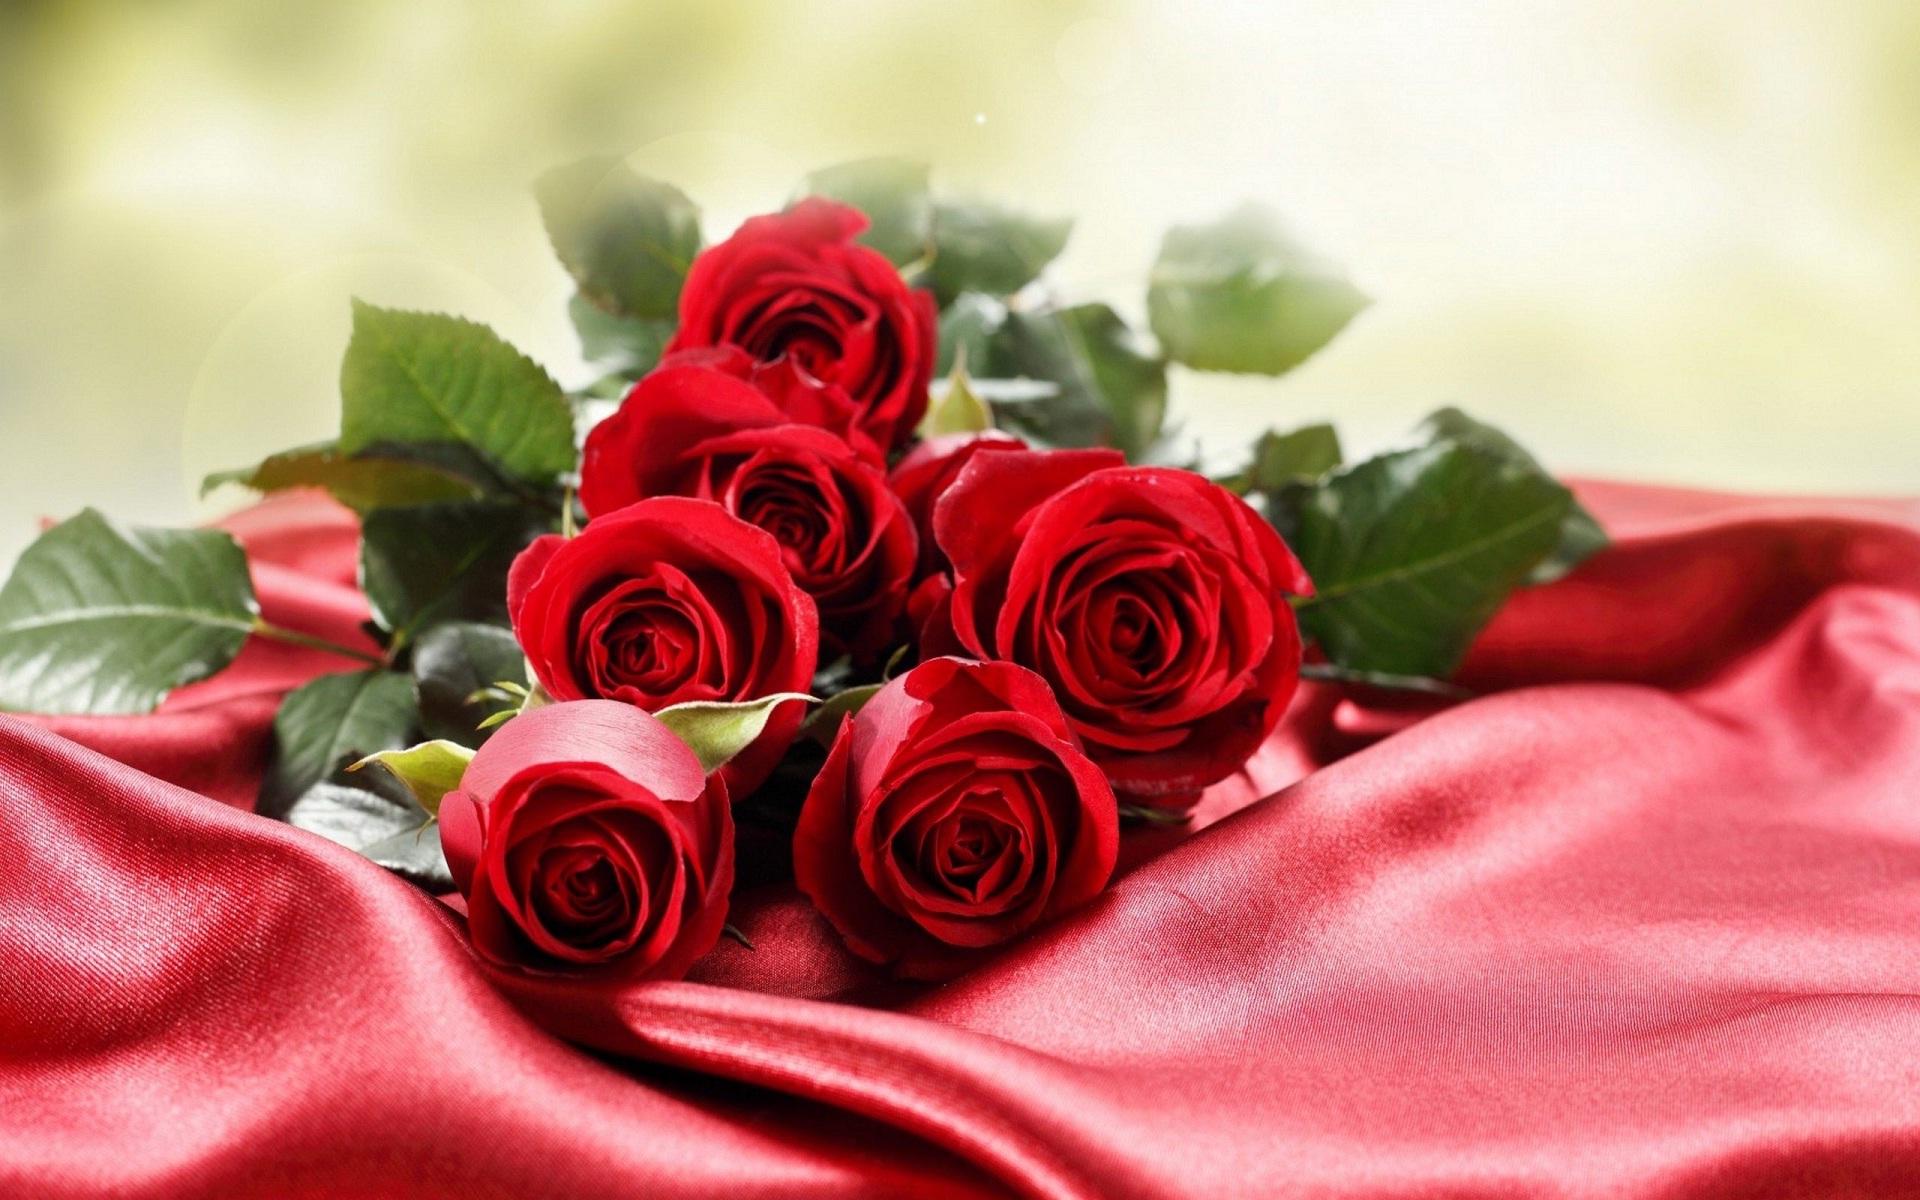 صور صور ورود جميله , اجمل اشكال والوان الورود